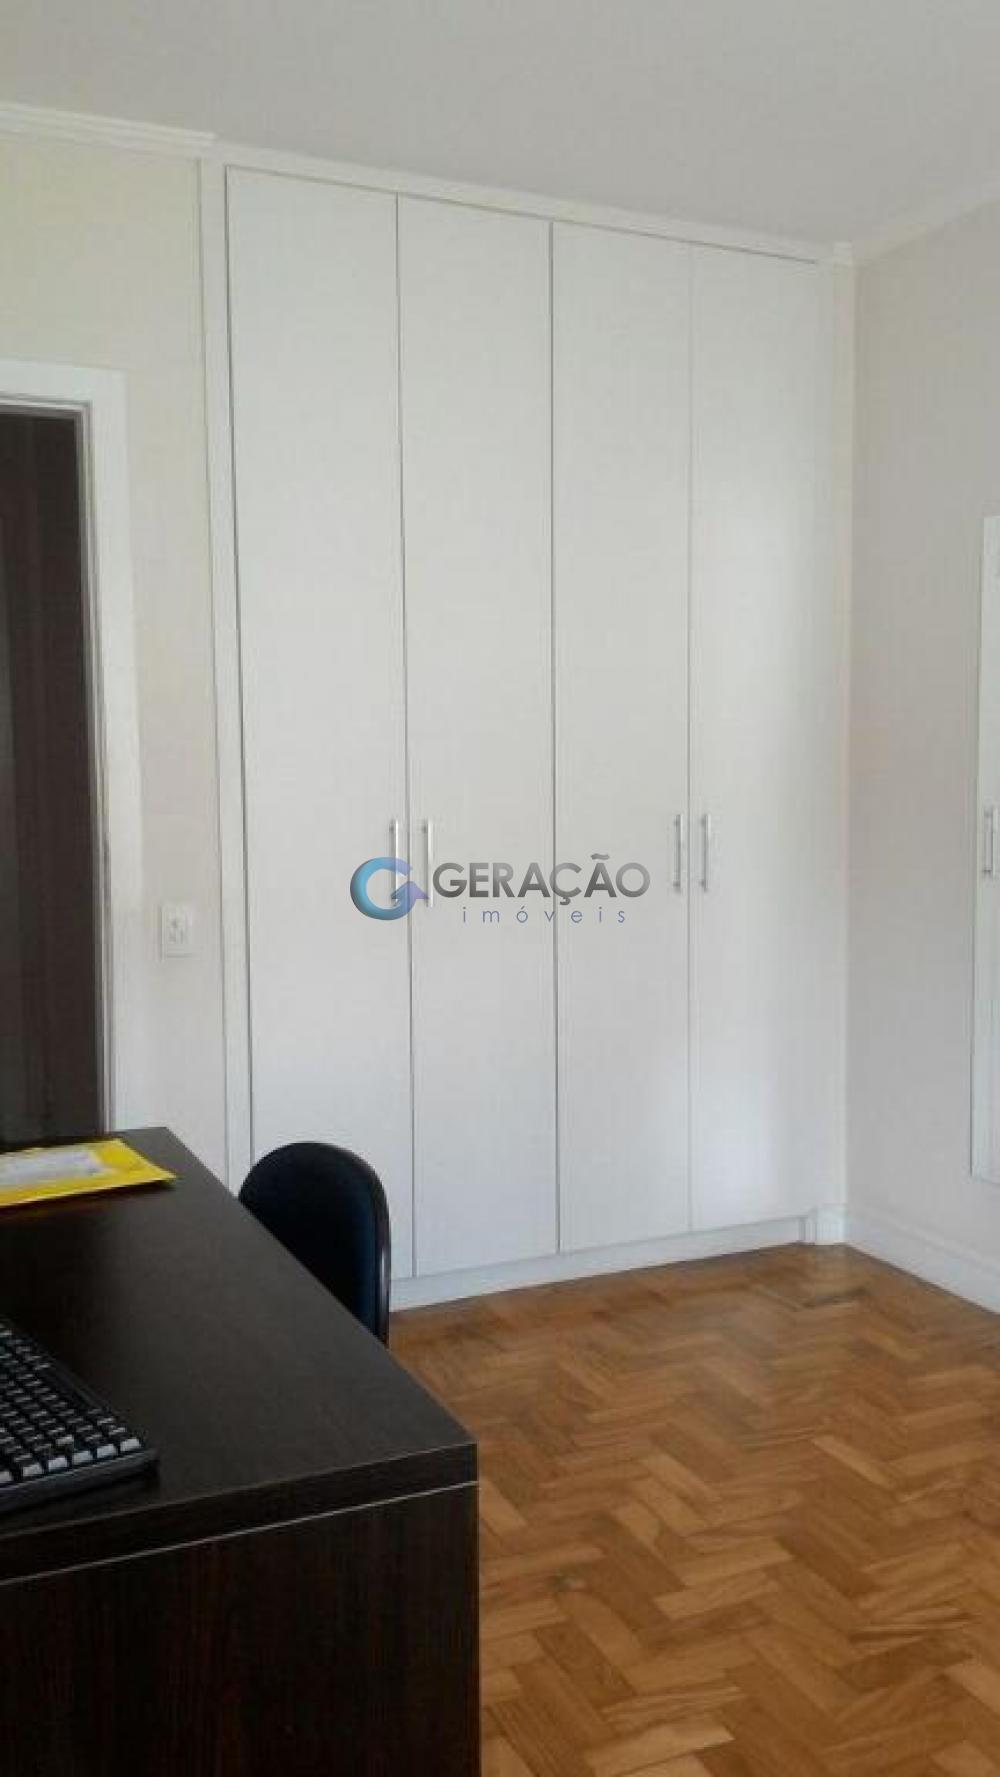 Comprar Apartamento / Padrão em São José dos Campos apenas R$ 500.000,00 - Foto 11